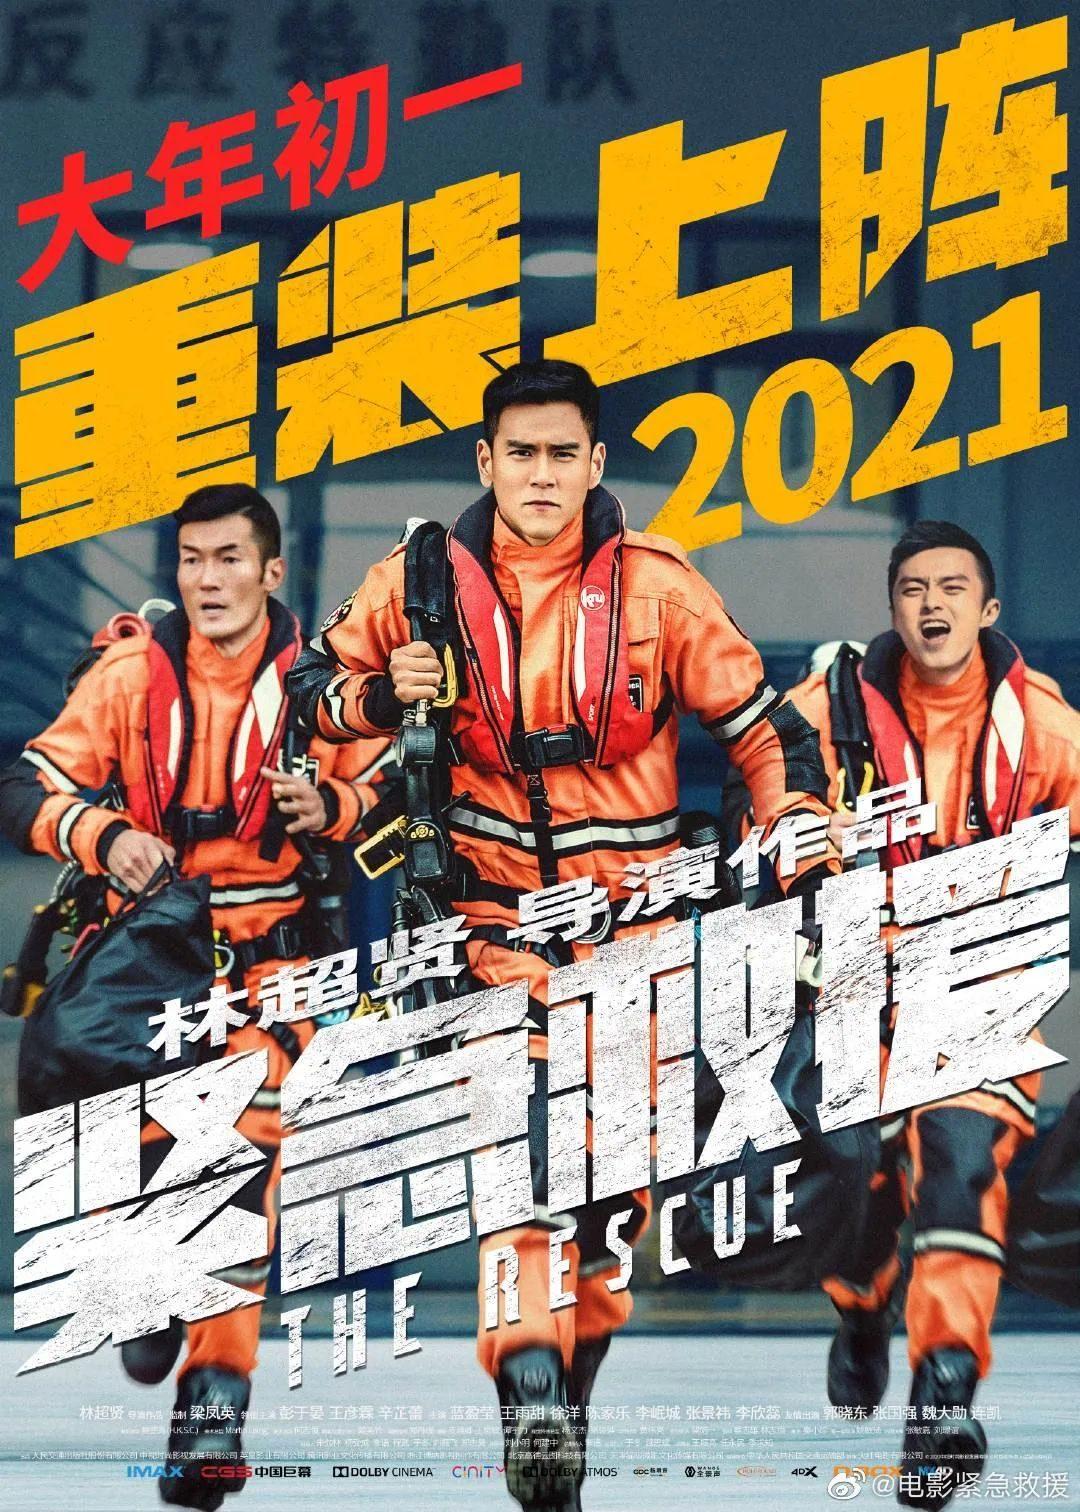 《緊急救援》《人潮洶涌》定檔!9片搶佔2021春節檔